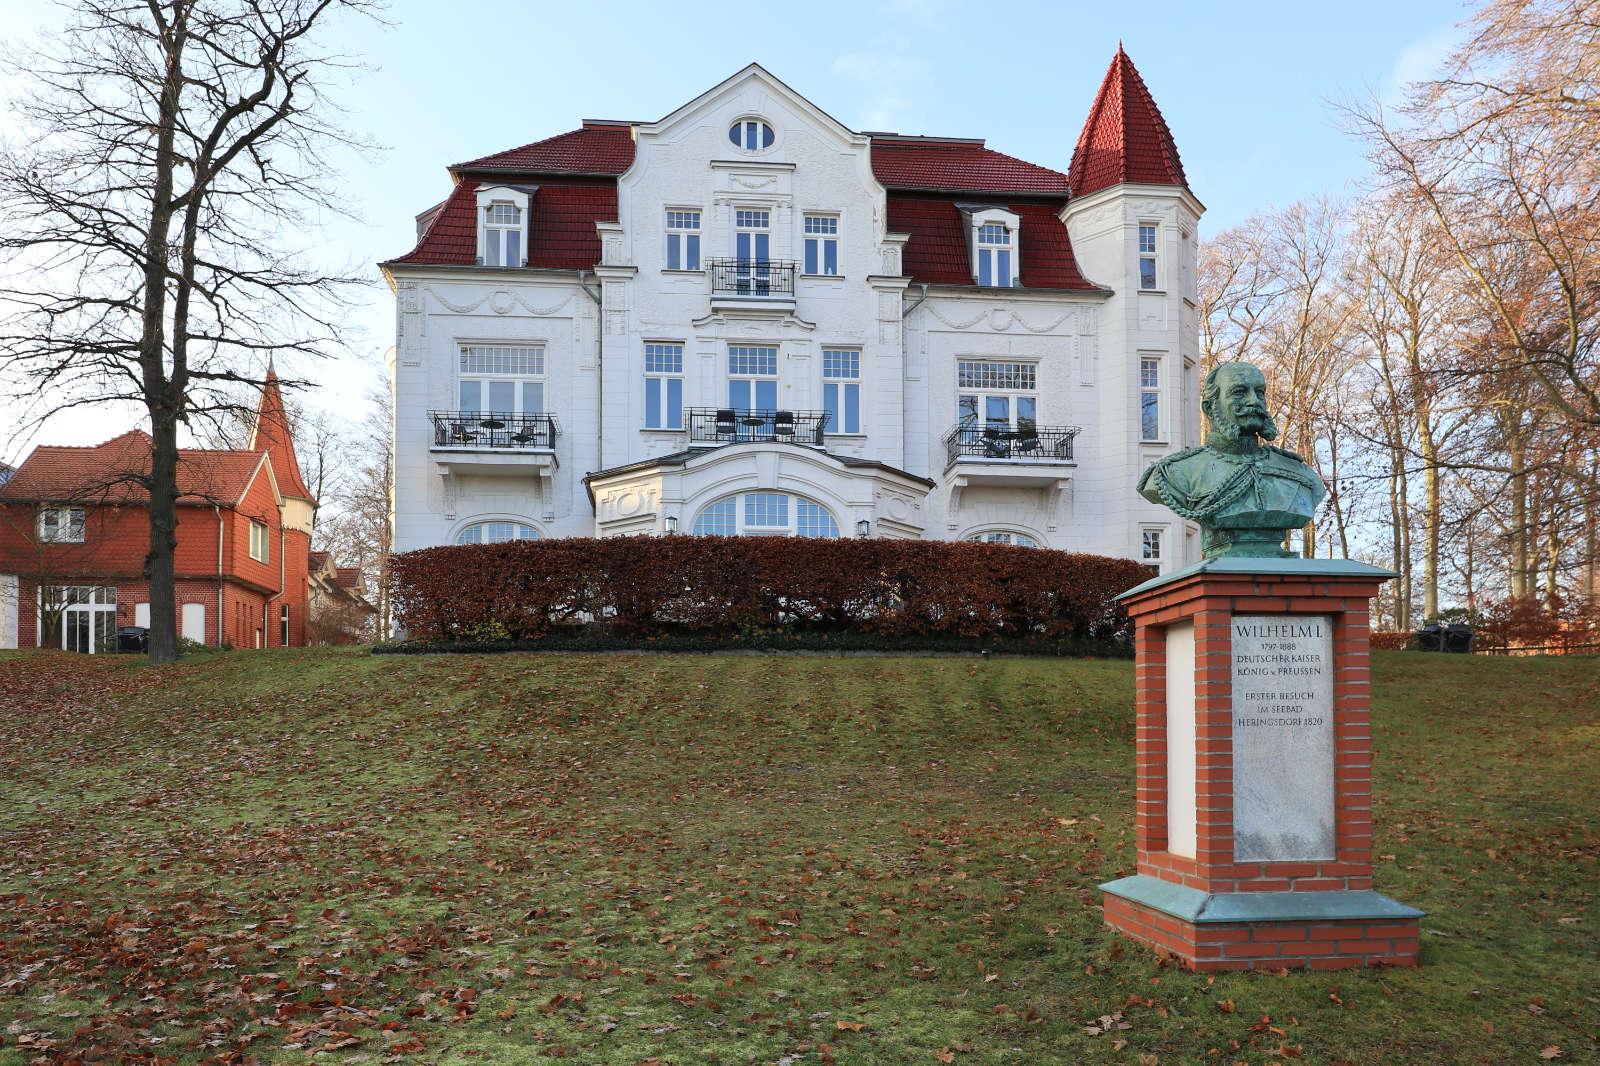 """Heringsdorf. Die Villa Staudt steht sinnbildlich für das Berliner Großbürgertum auf Usedom und könnte so auch in Charlottenburg oder im Berliner Grunewald stehen. Der Kaufmann Wilhelm Staudt erwarb das Anwesen um 1900, ließ es nach seinem Geschmack umbauen und nannte es passend """"Miramar"""", übersetzt der Meeresblick."""